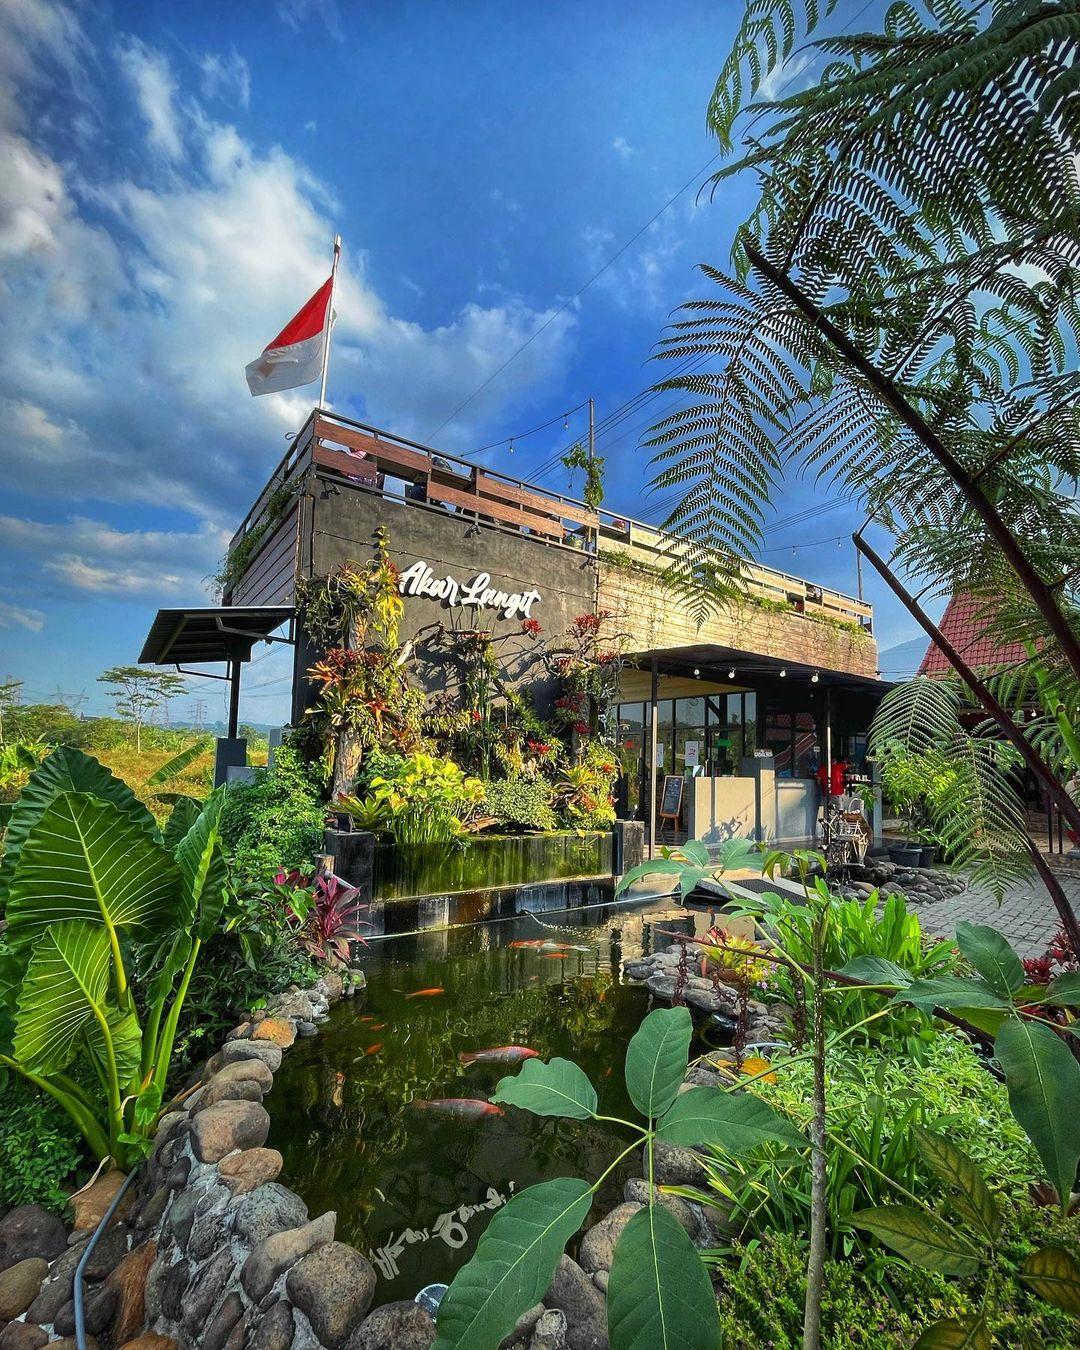 Cafe Akar Langit Image From @gongtogong